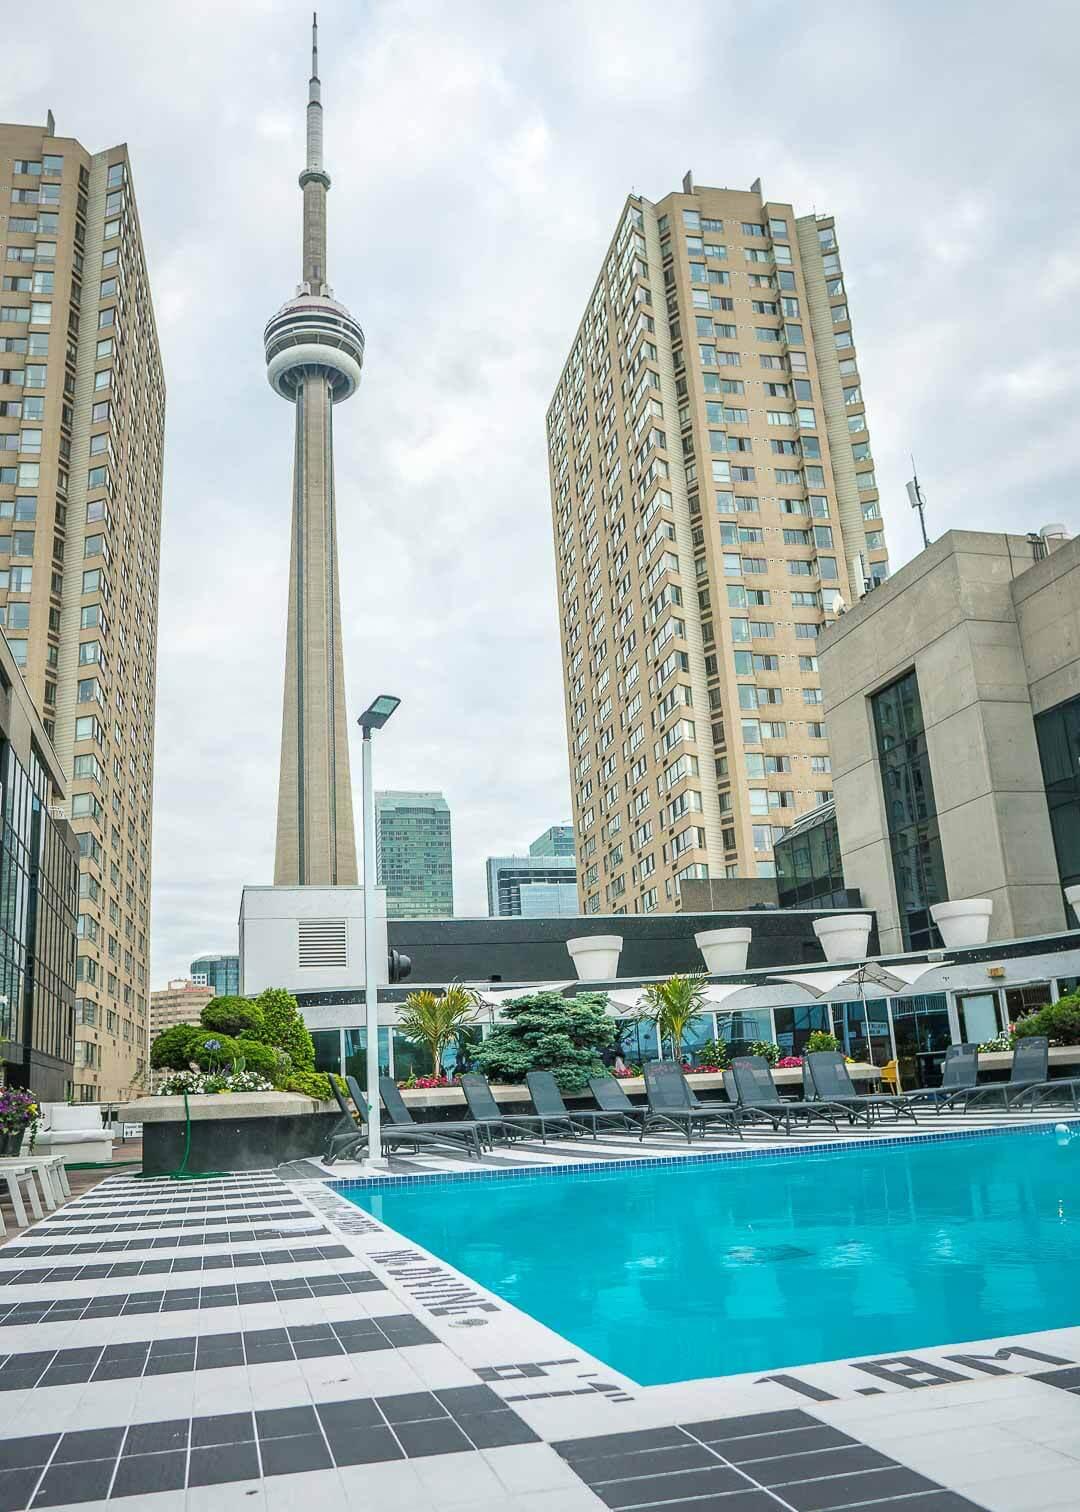 Radisson Harbourfront Toronto - rooftop pool